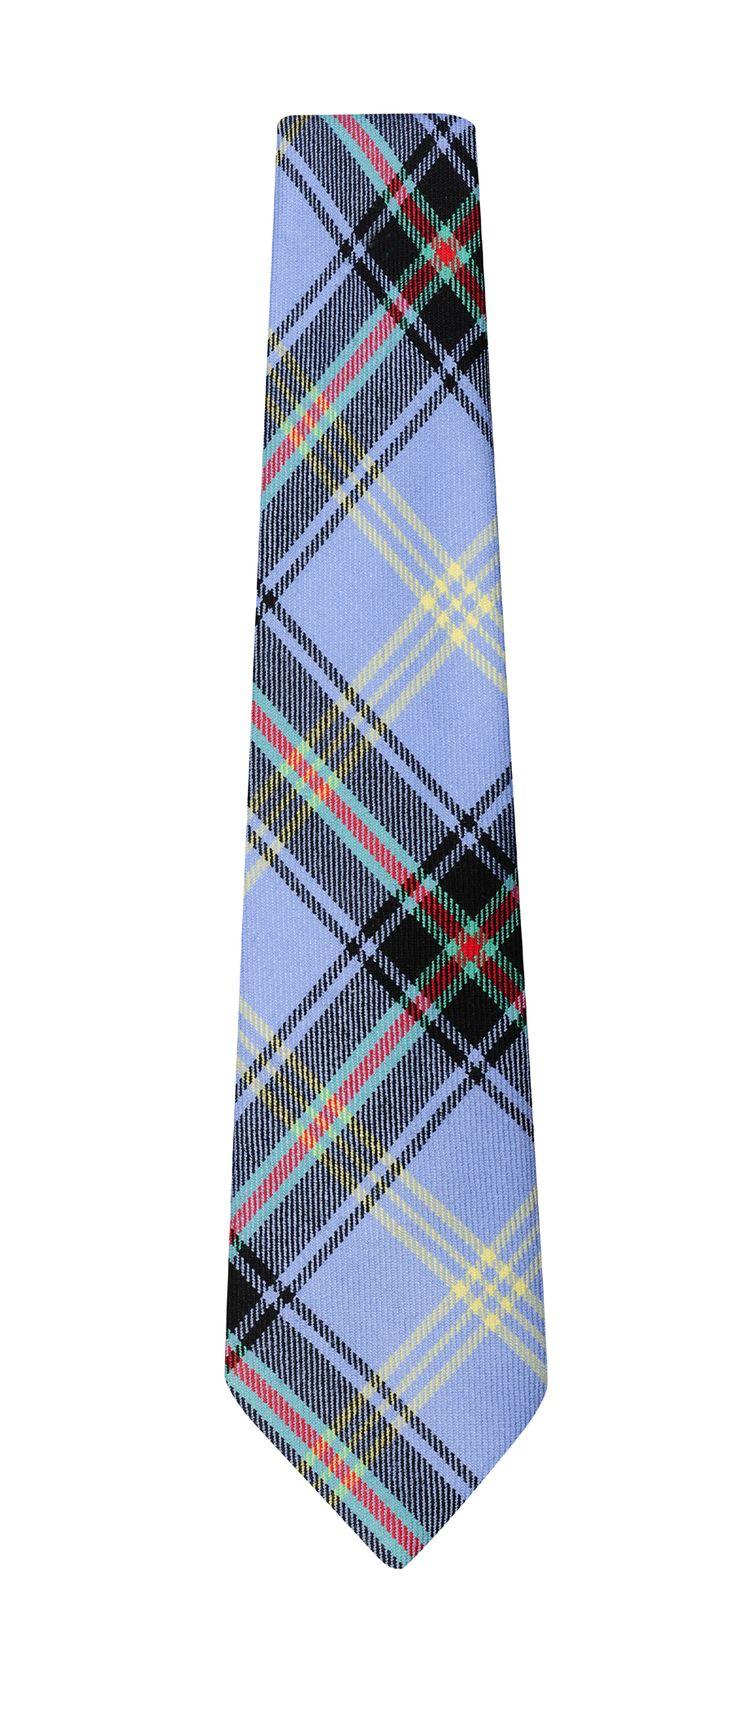 Bell of the Borders wool tartan tie.